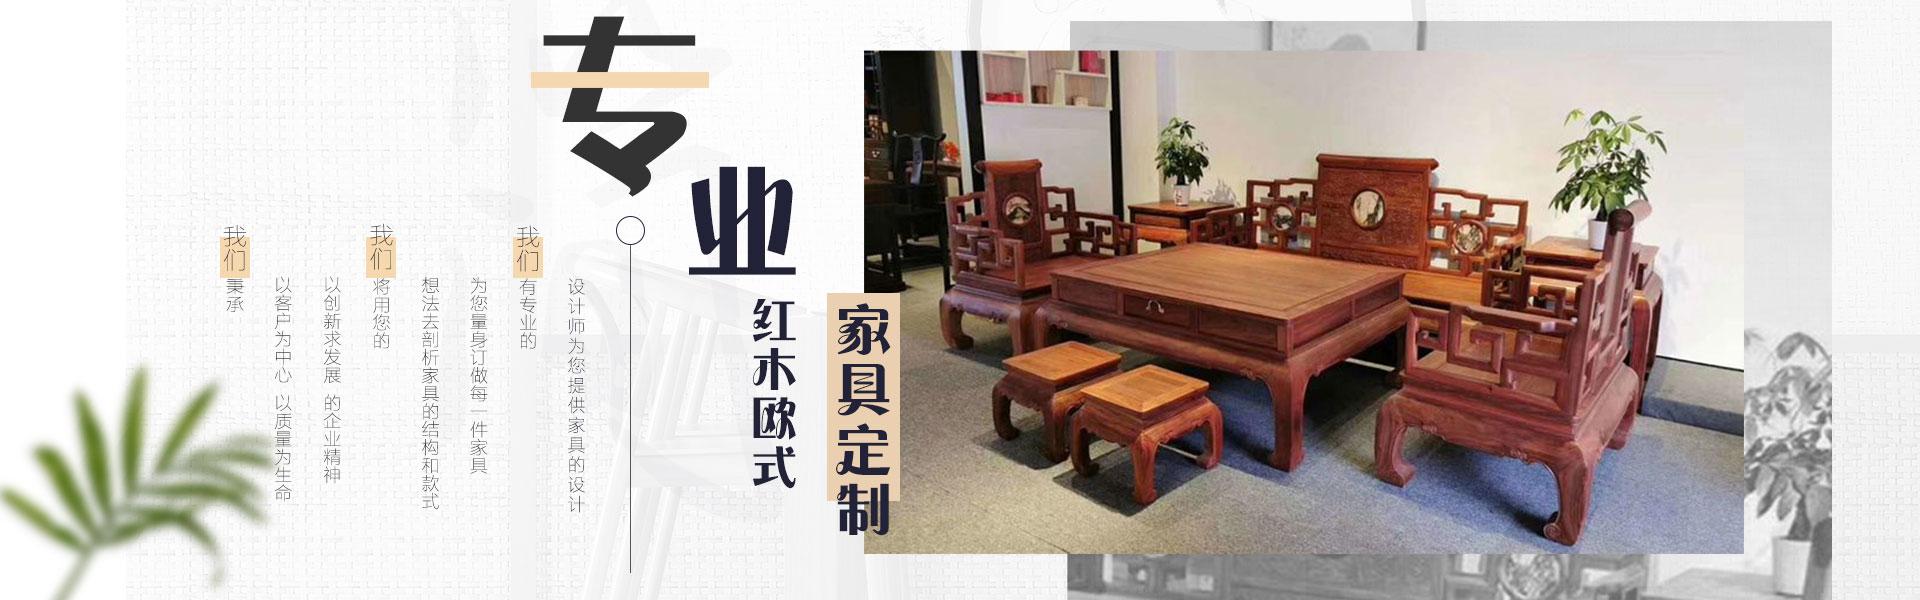 郑州红木家具